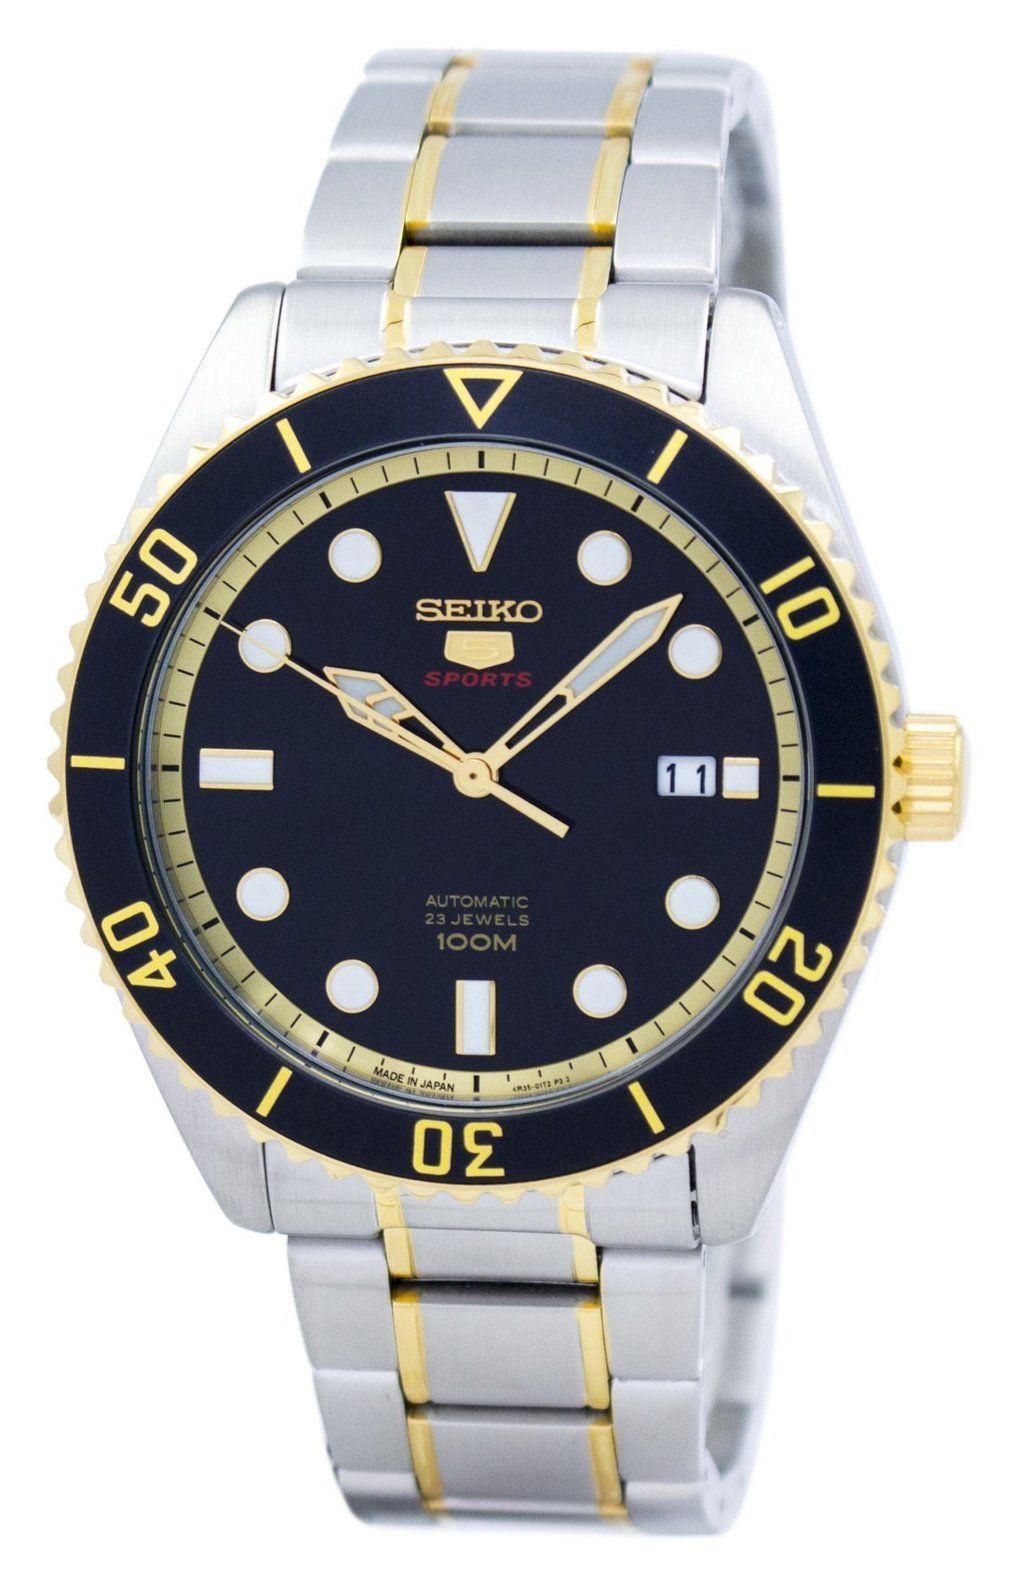 นาฬิกาผู้ชาย Seiko รุ่น SRPB94J1, Seiko 5 Sports Automatic Japan